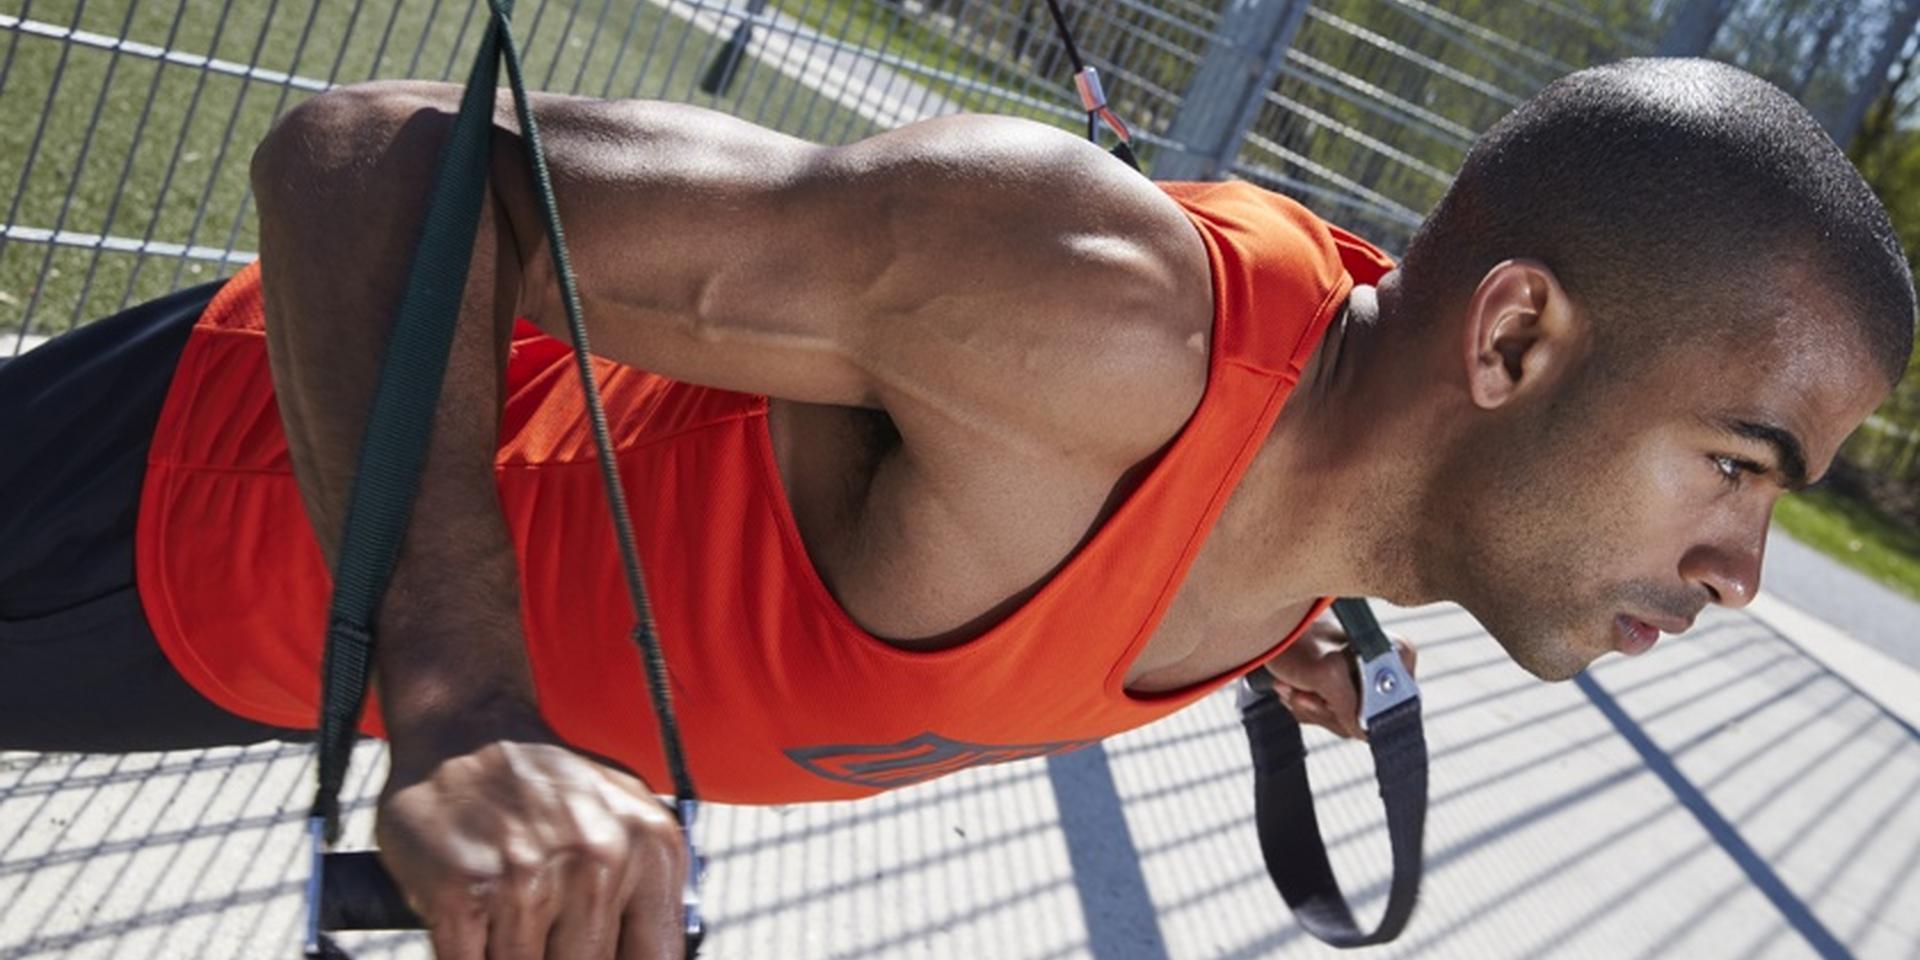 Ein Mann trainiert im freien an einem Schlingentrainer